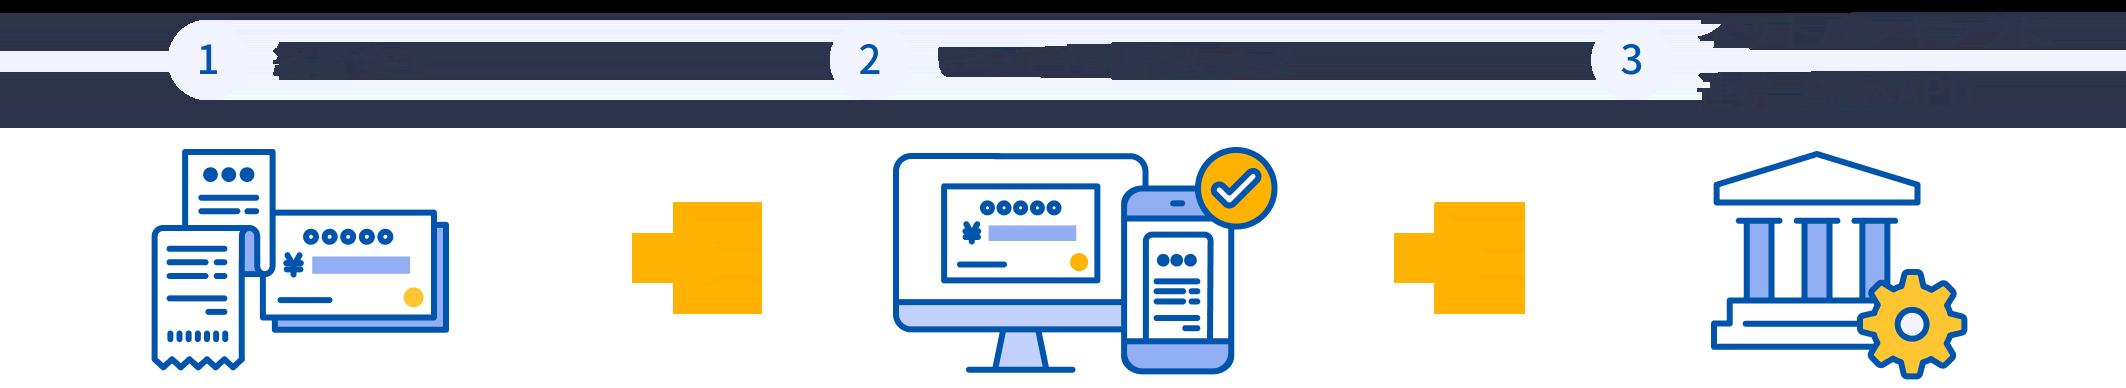 マネーフォワード クラウド導入後は、経費が発生したらいつでも申請・承認して、ネットバンキングに連携(振込API)